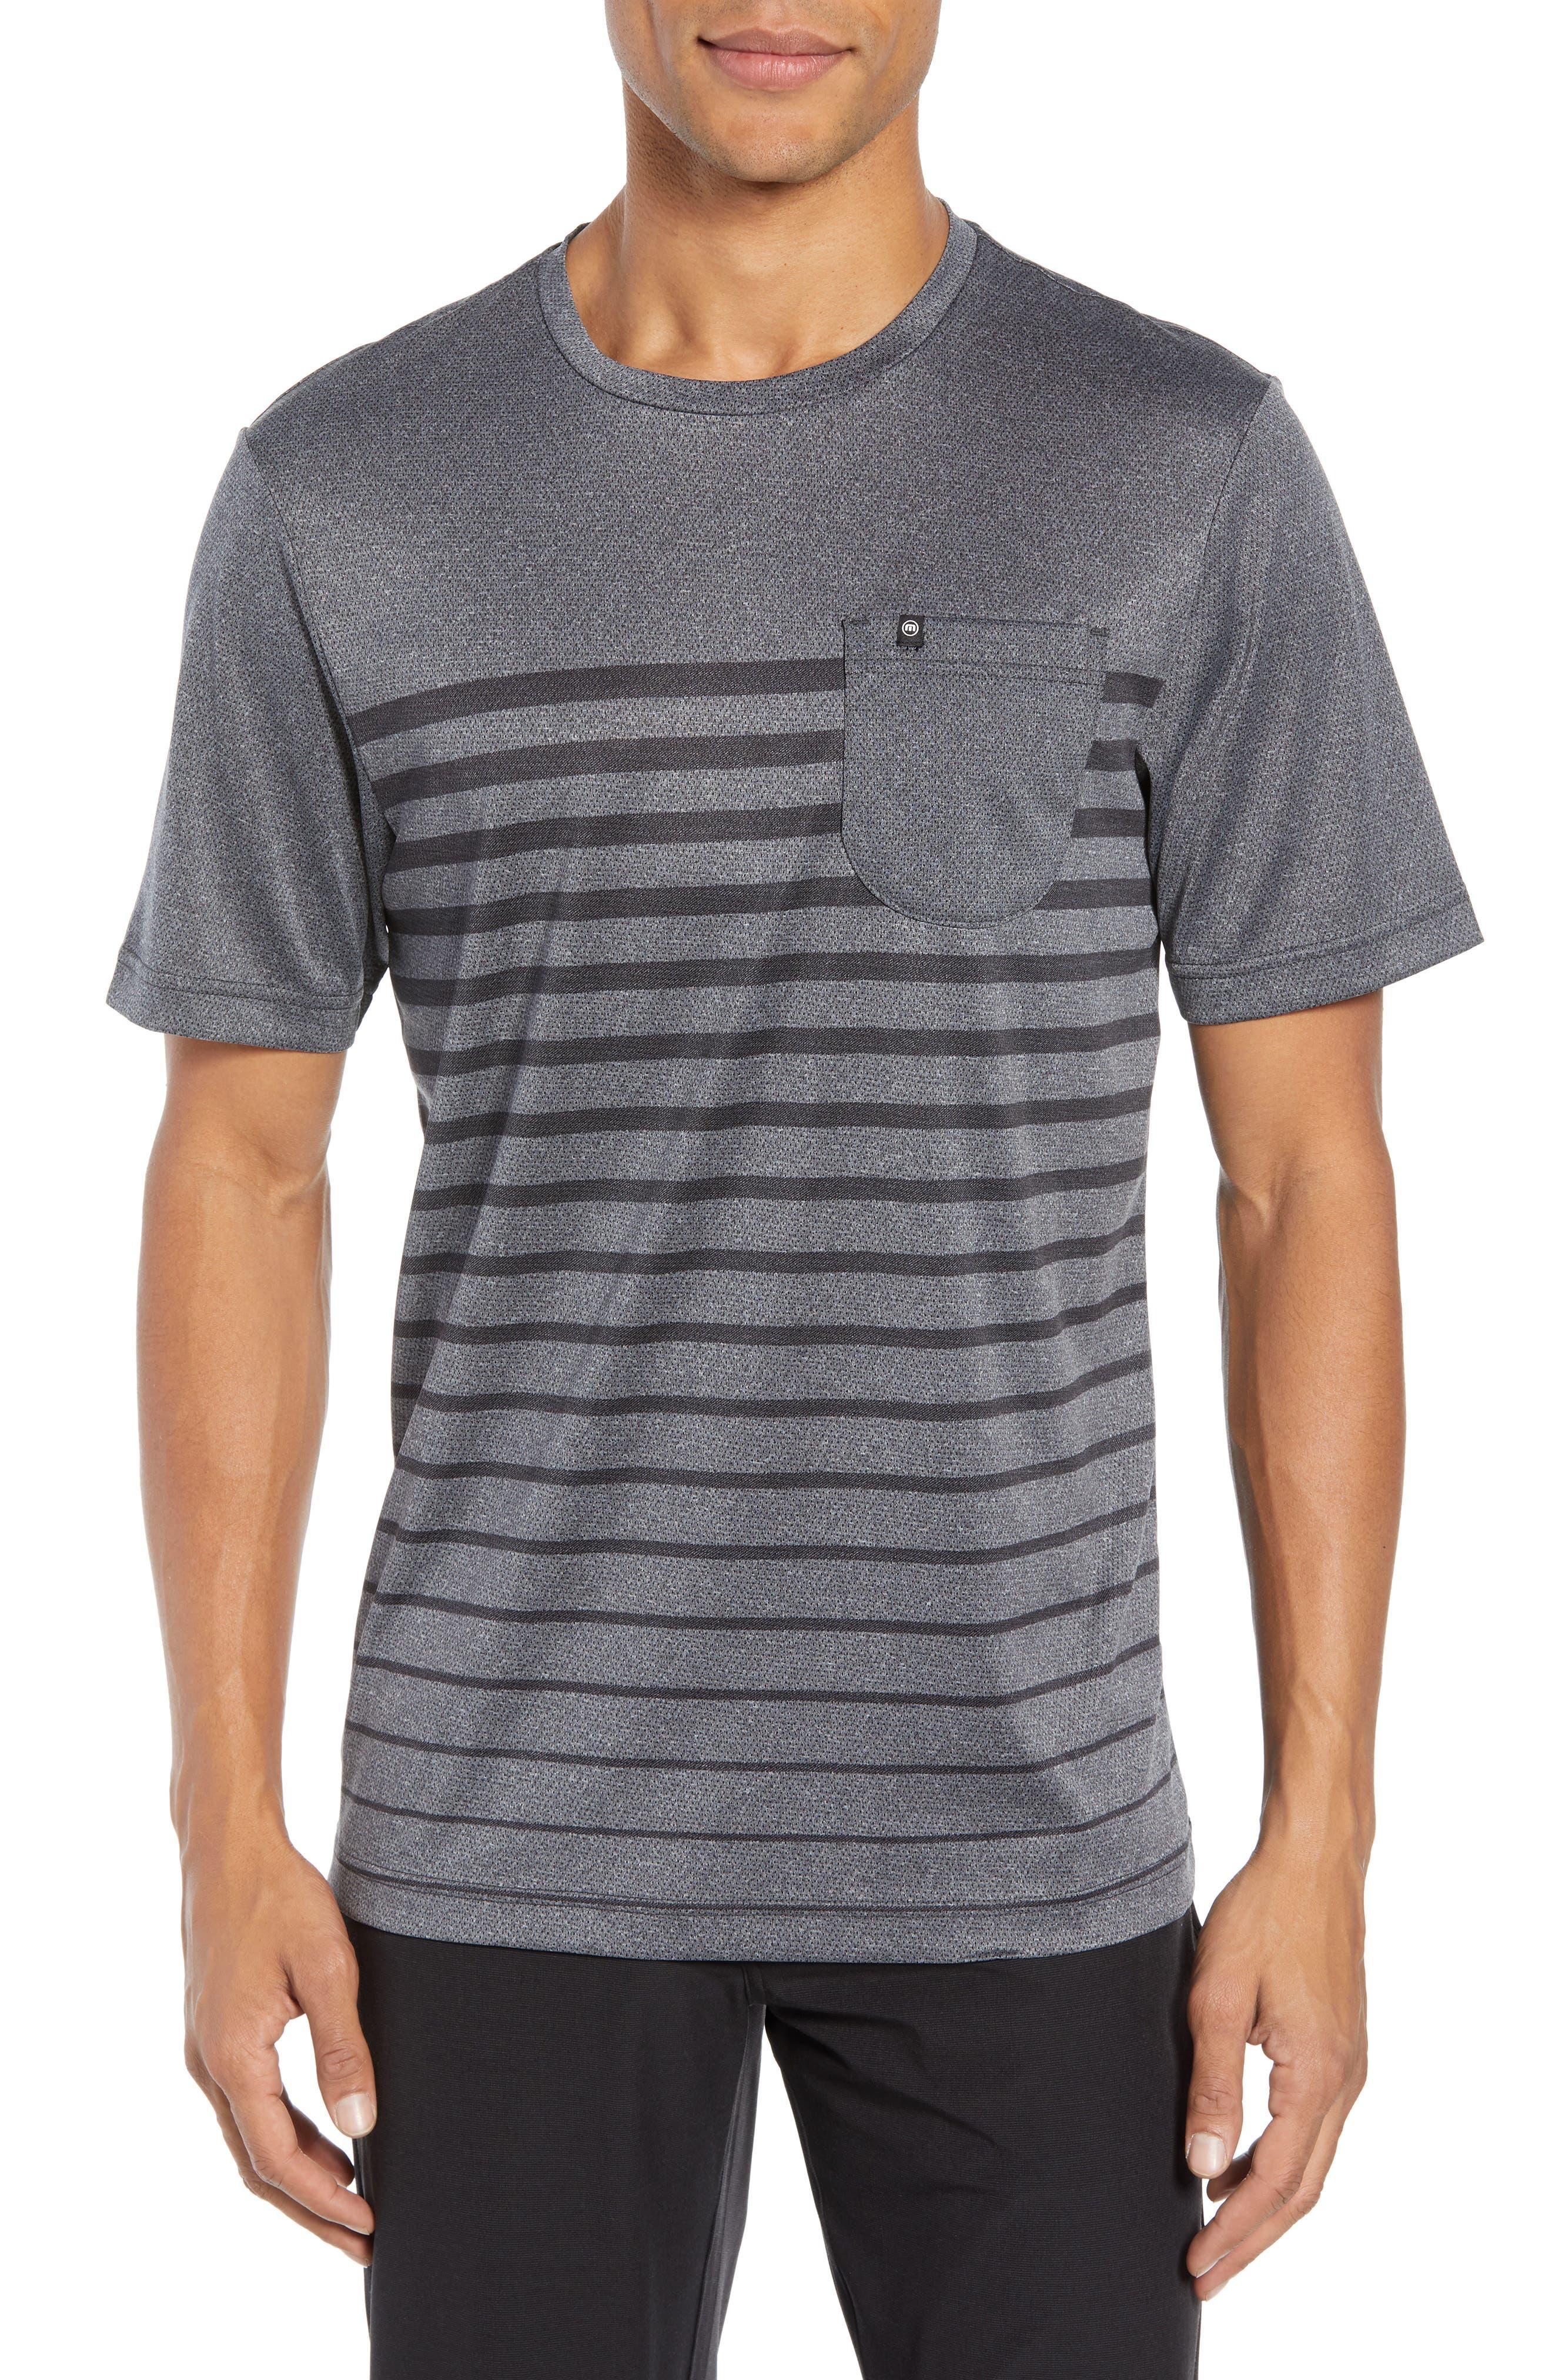 Cutoff Pocket T-Shirt,                             Main thumbnail 1, color,                             HEATHER MAGNET